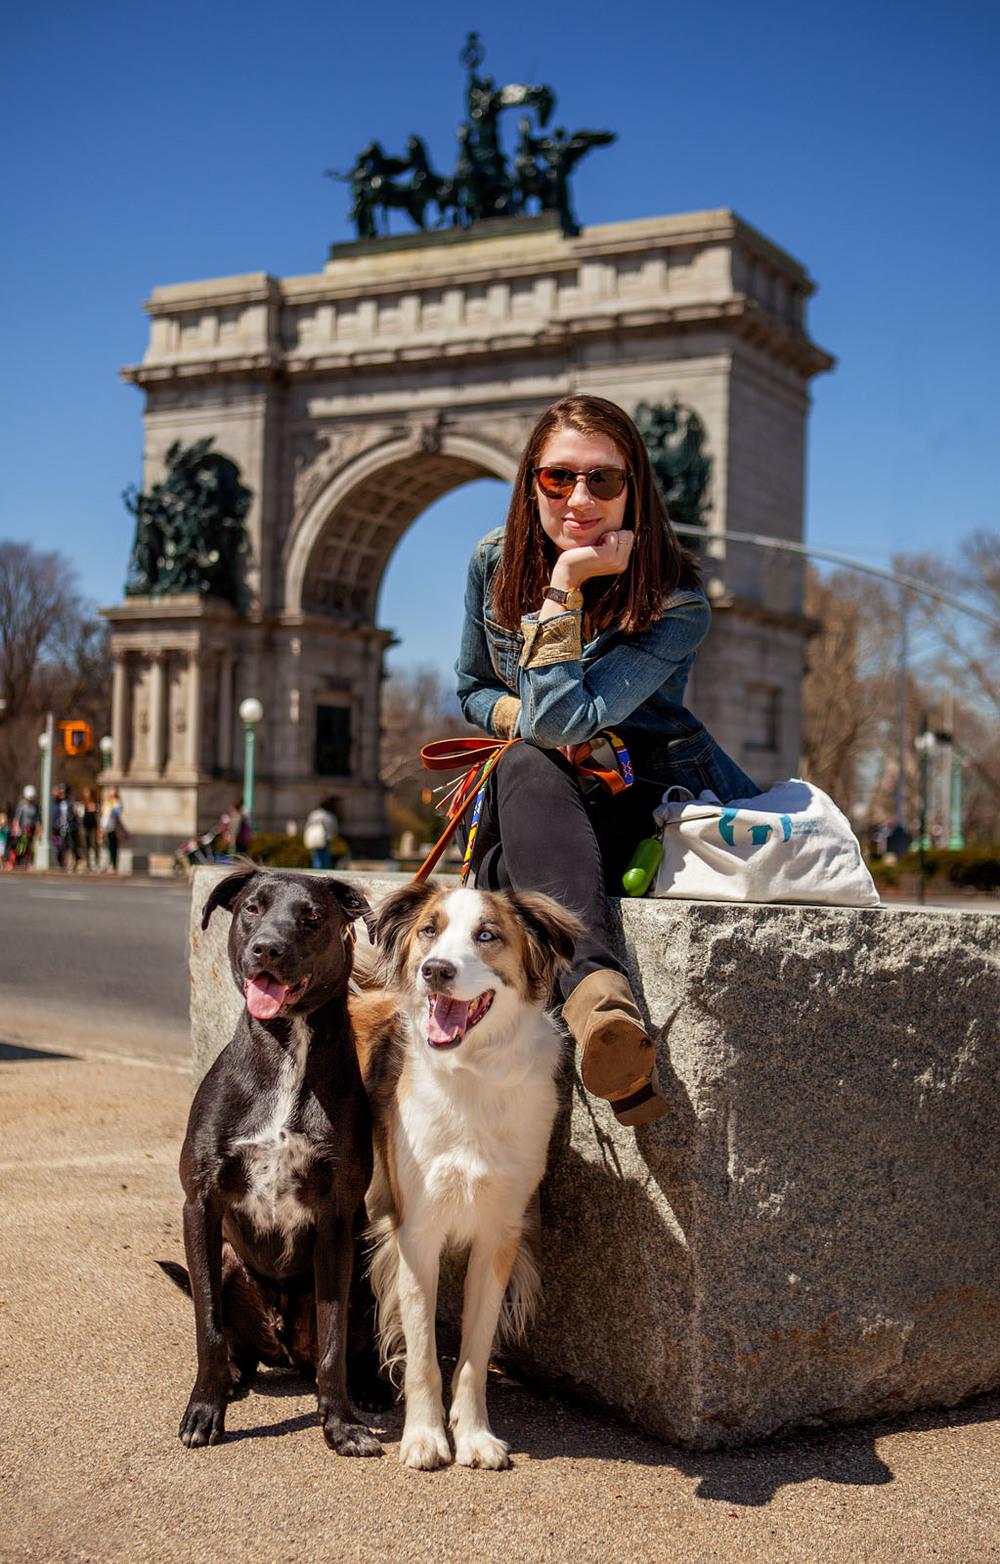 Sarah + Ozzie & Shaggy